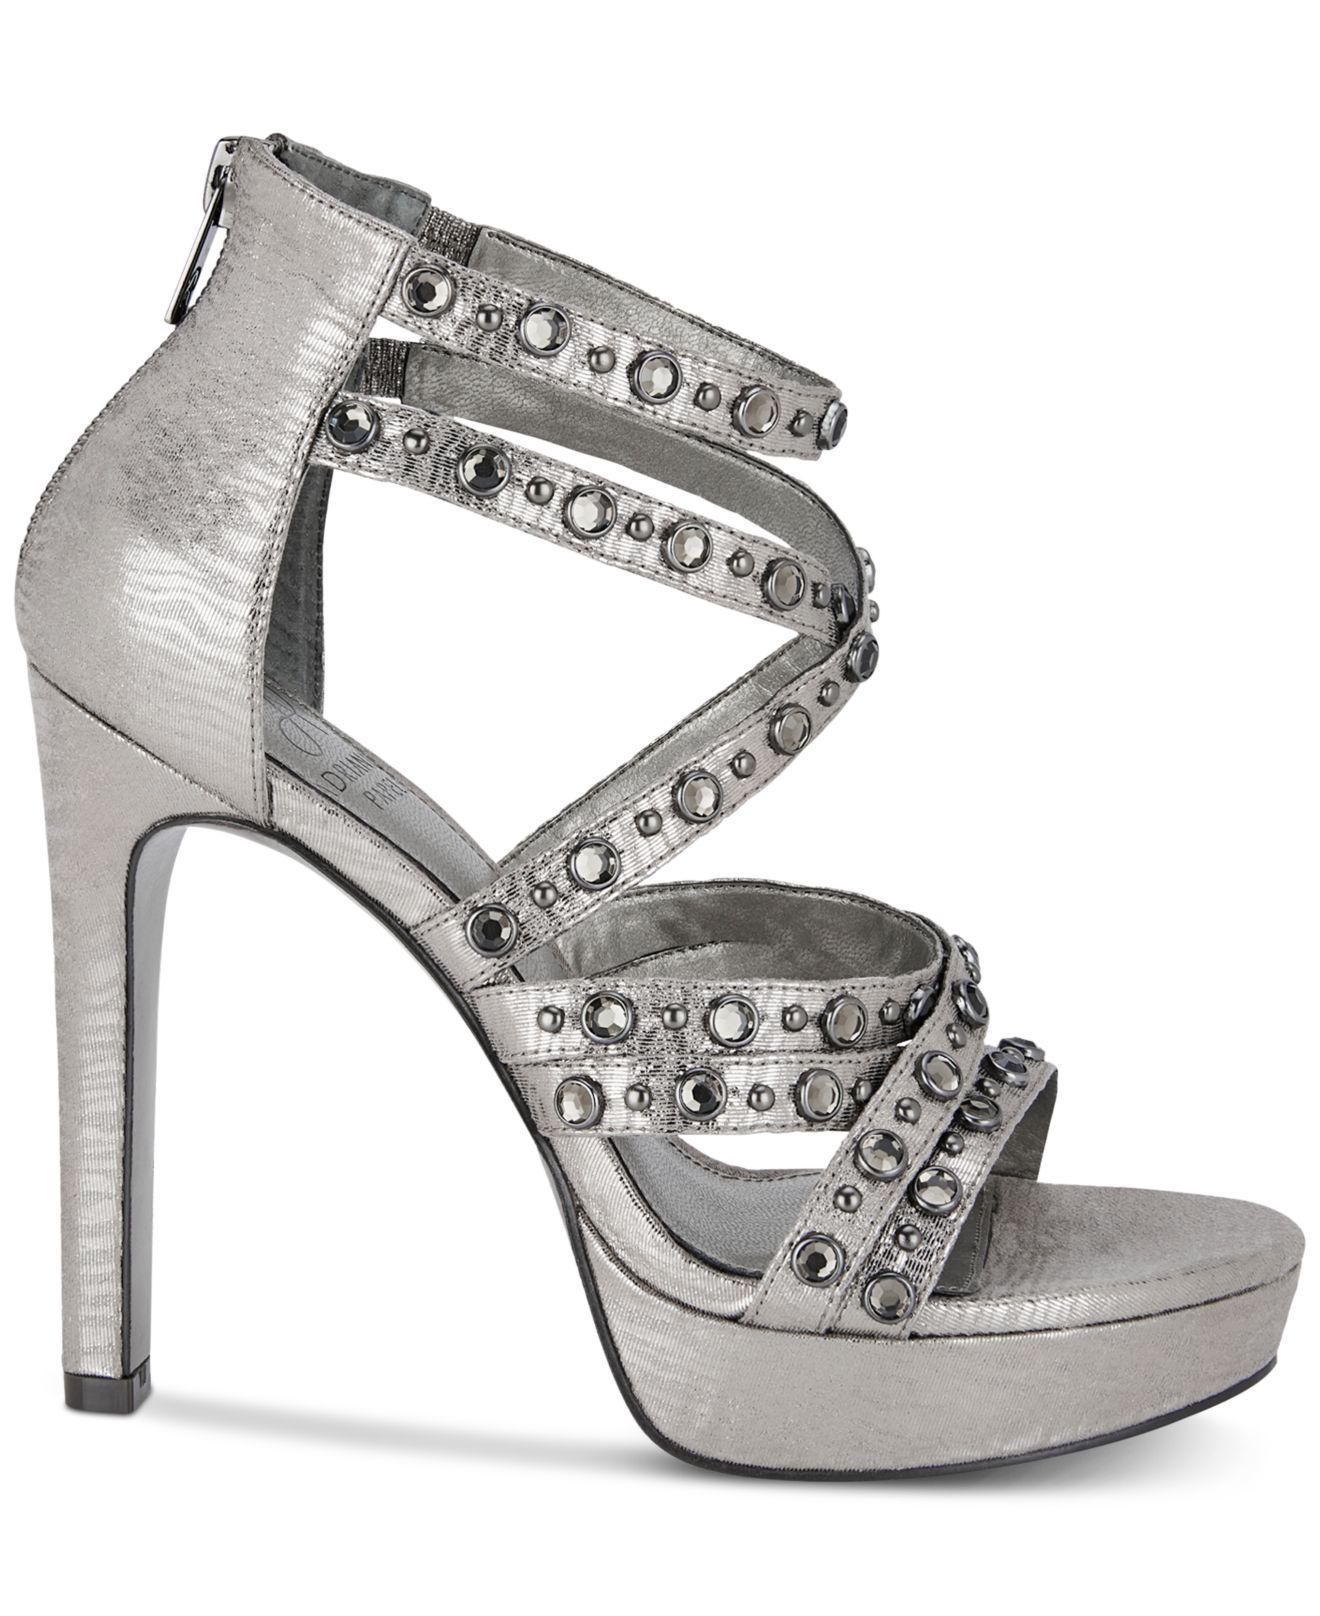 19f9865706f6 Lyst - Adrianna Papell Malia Platform Sandals